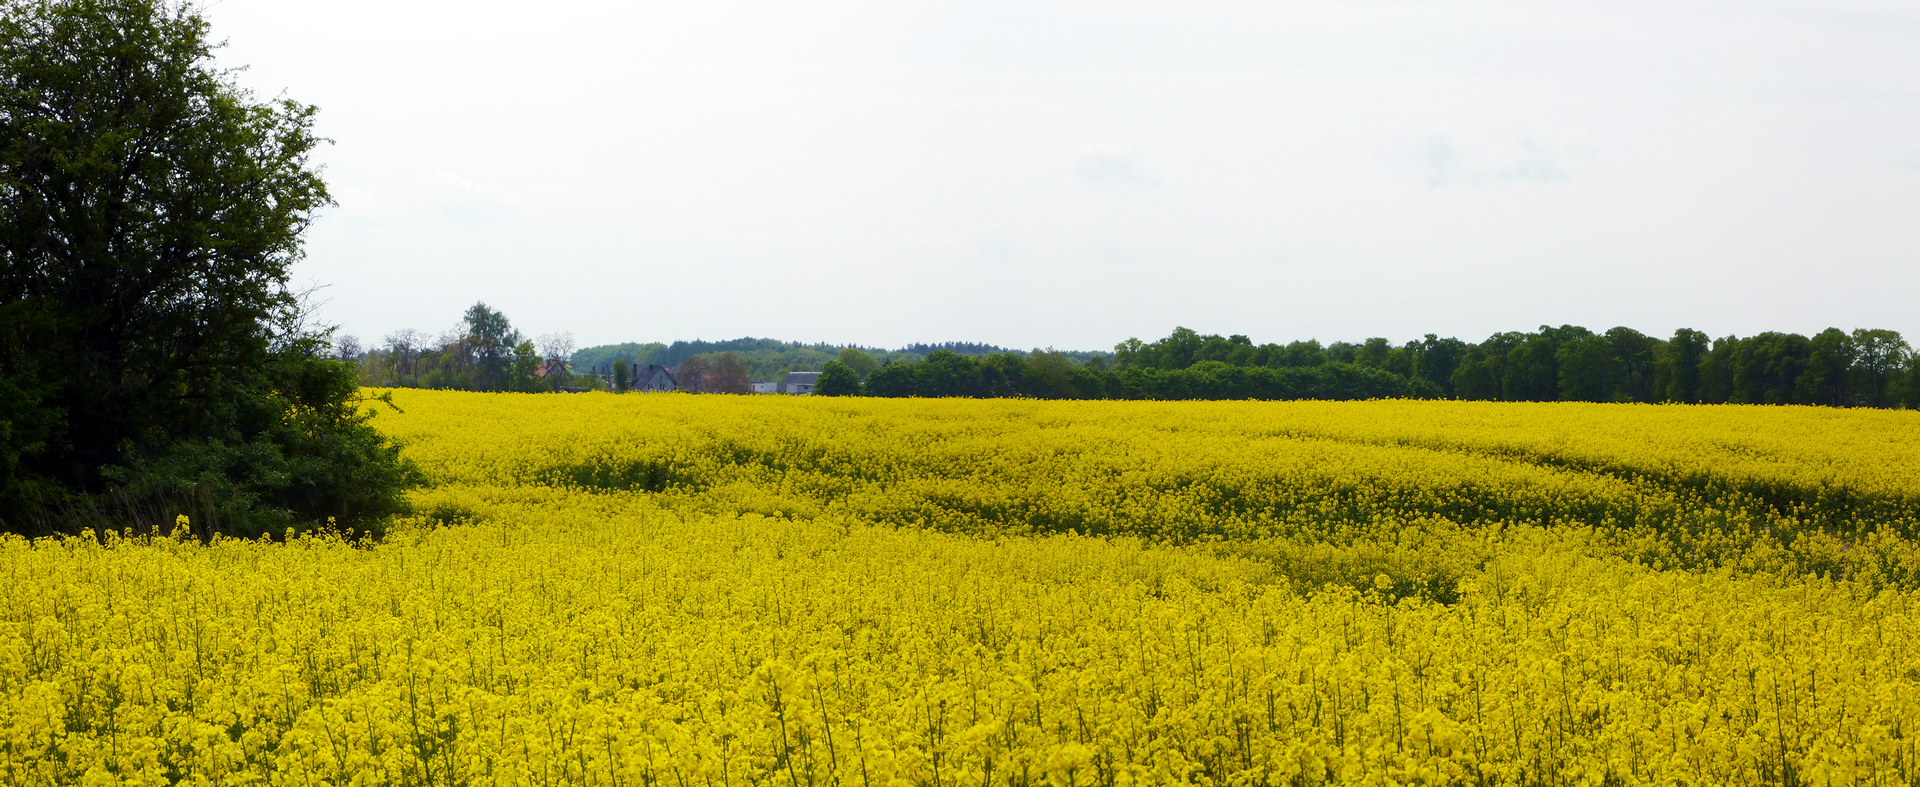 Fotografia przedstawiająca pole uprawne żółtego rzepaku.